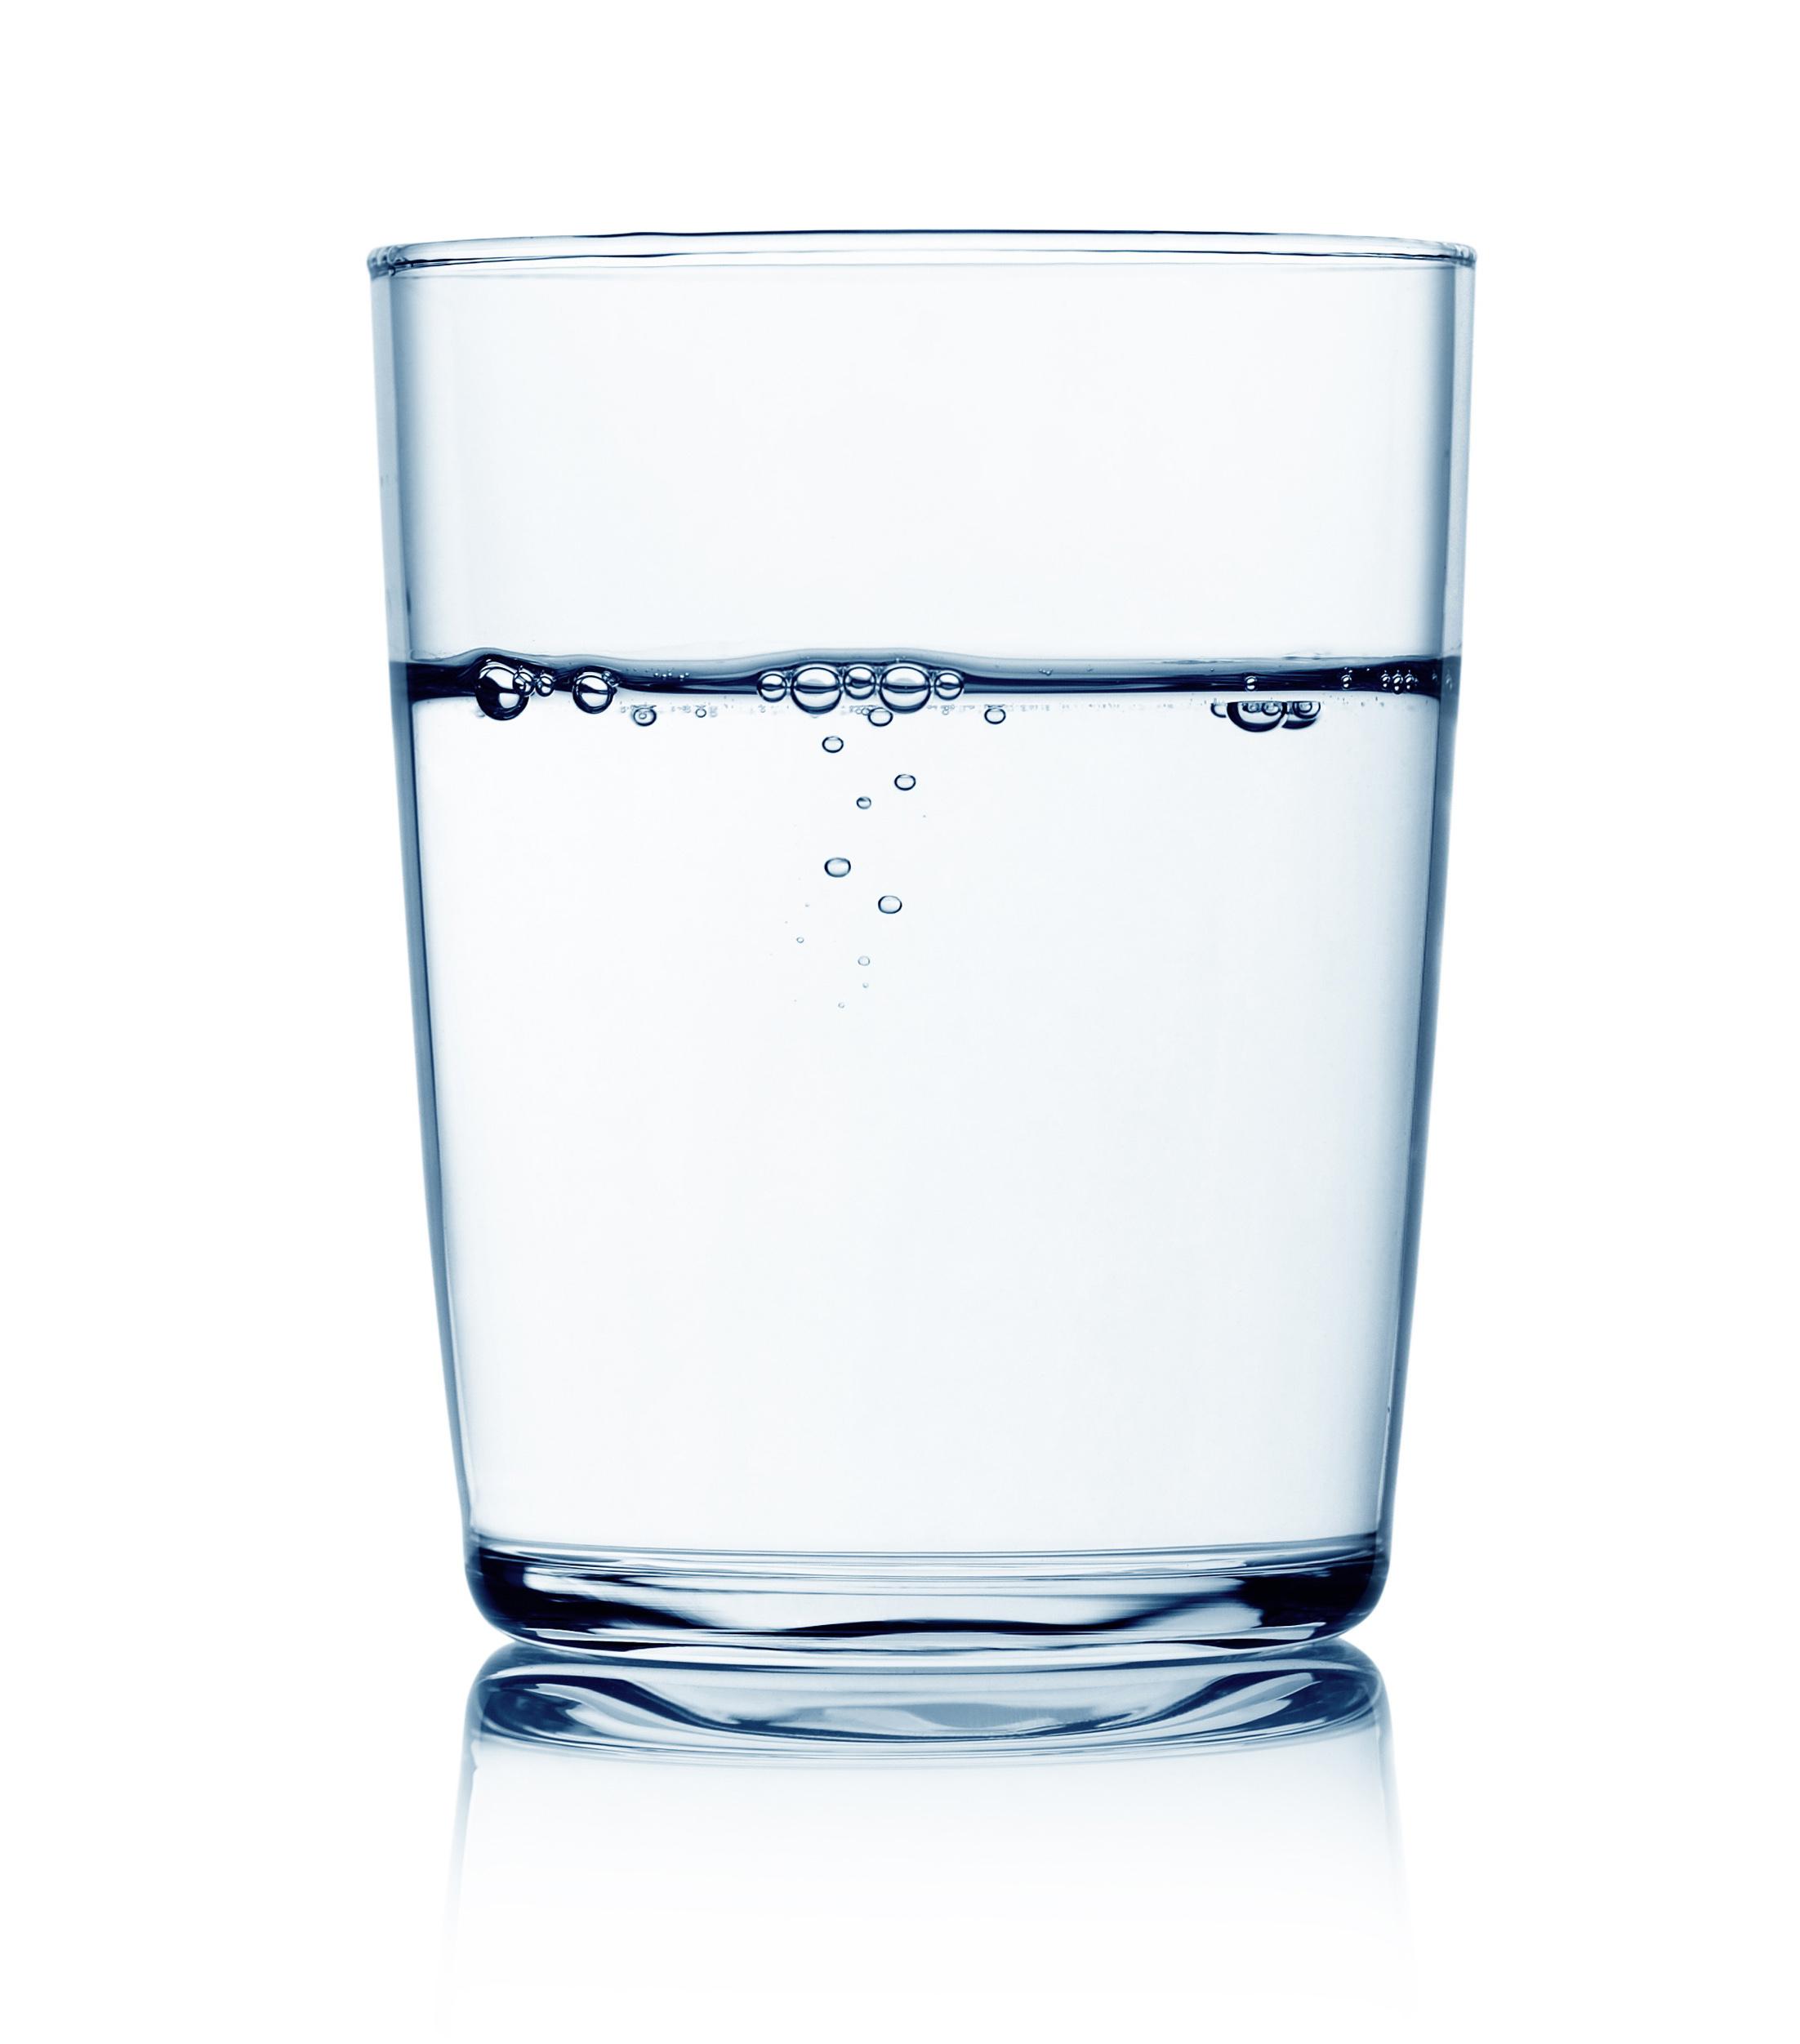 Bild eines Glas Wassers